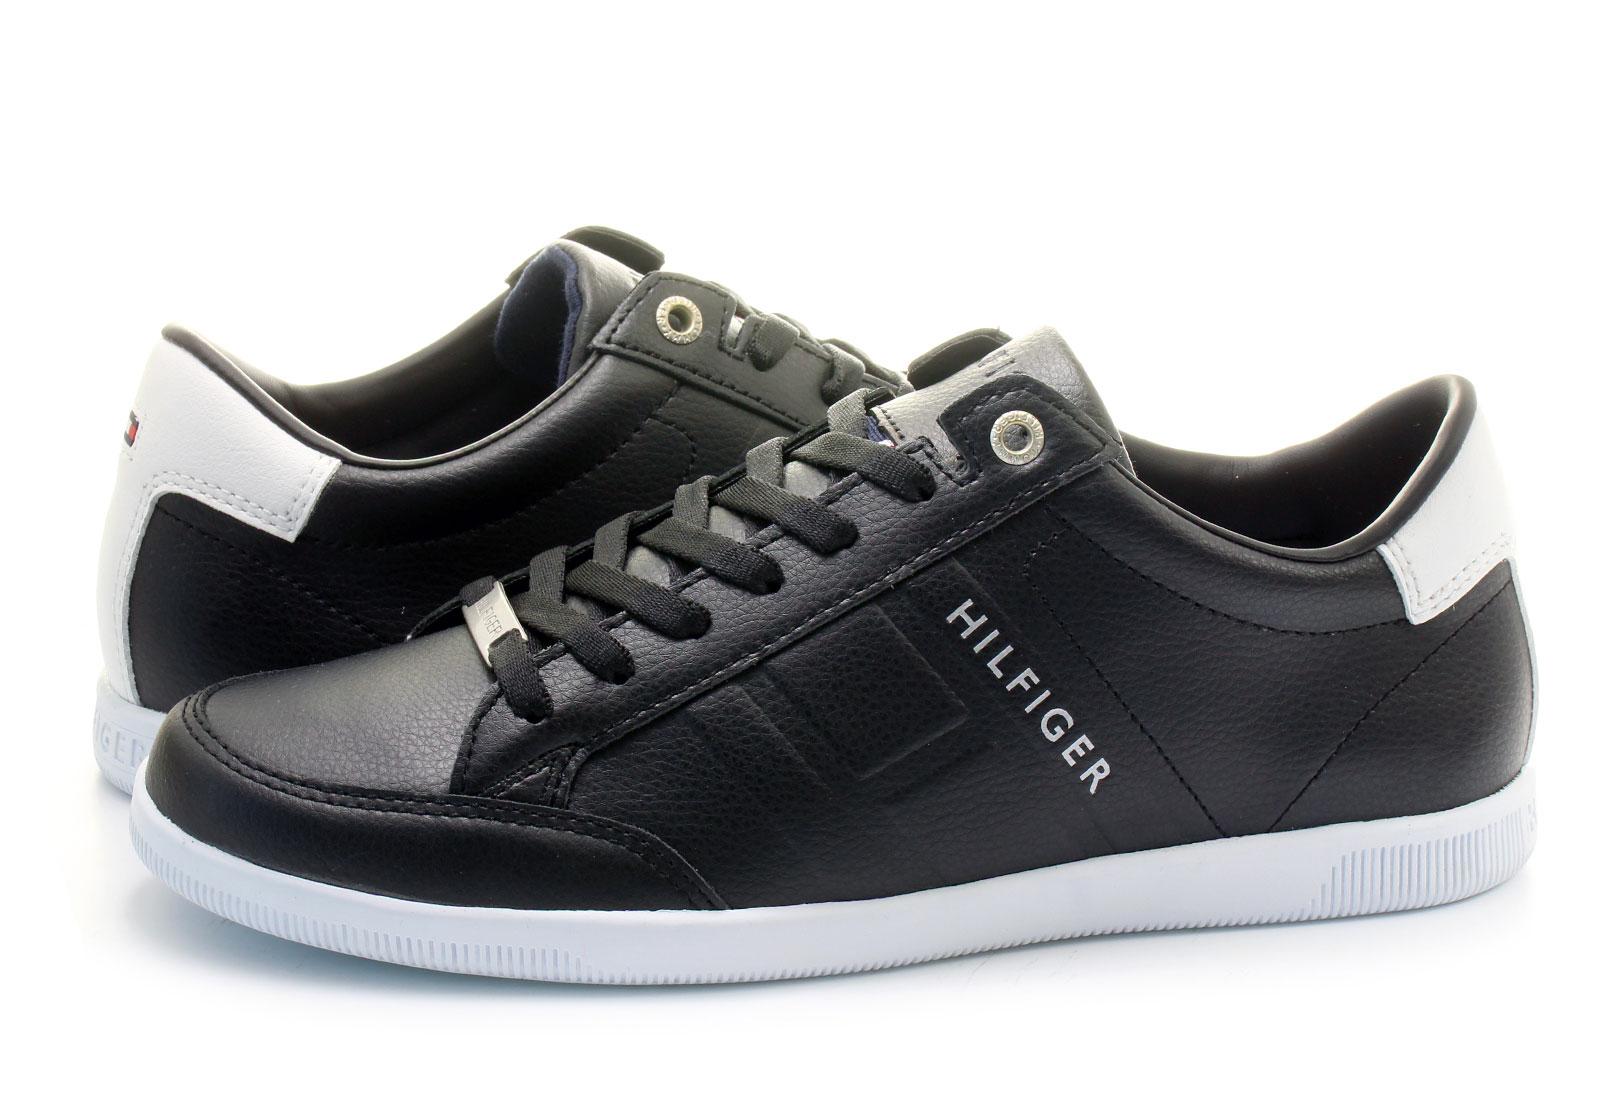 Tommy Hilfiger Cipő - Denzel 8a - 16F-1502-990 - Office Shoes ... e340ab0c4c